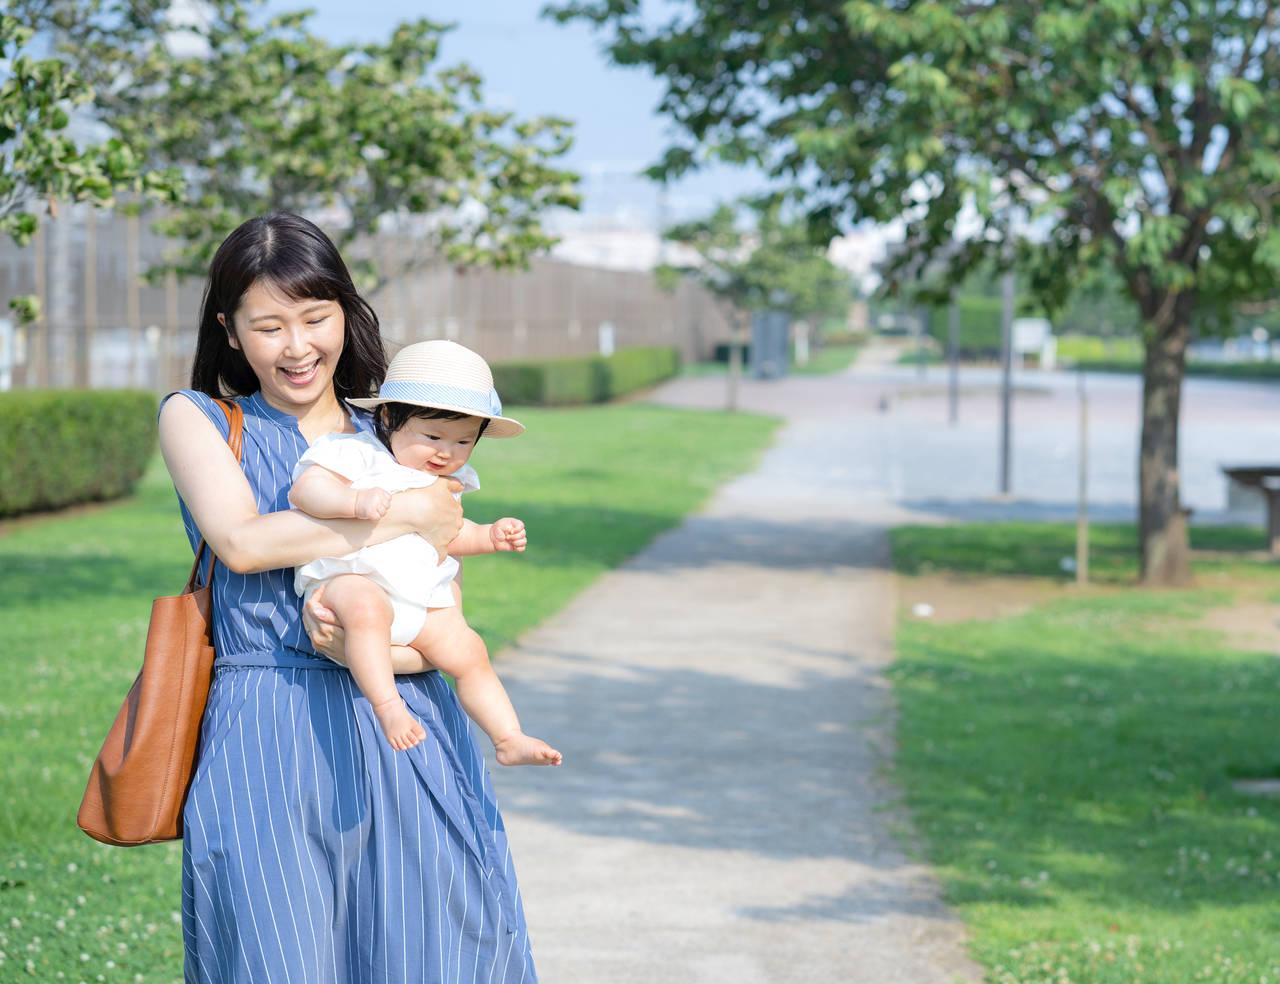 赤ちゃんと散歩を楽しもう!必要な持ち物や季節ごとの出かける時間帯